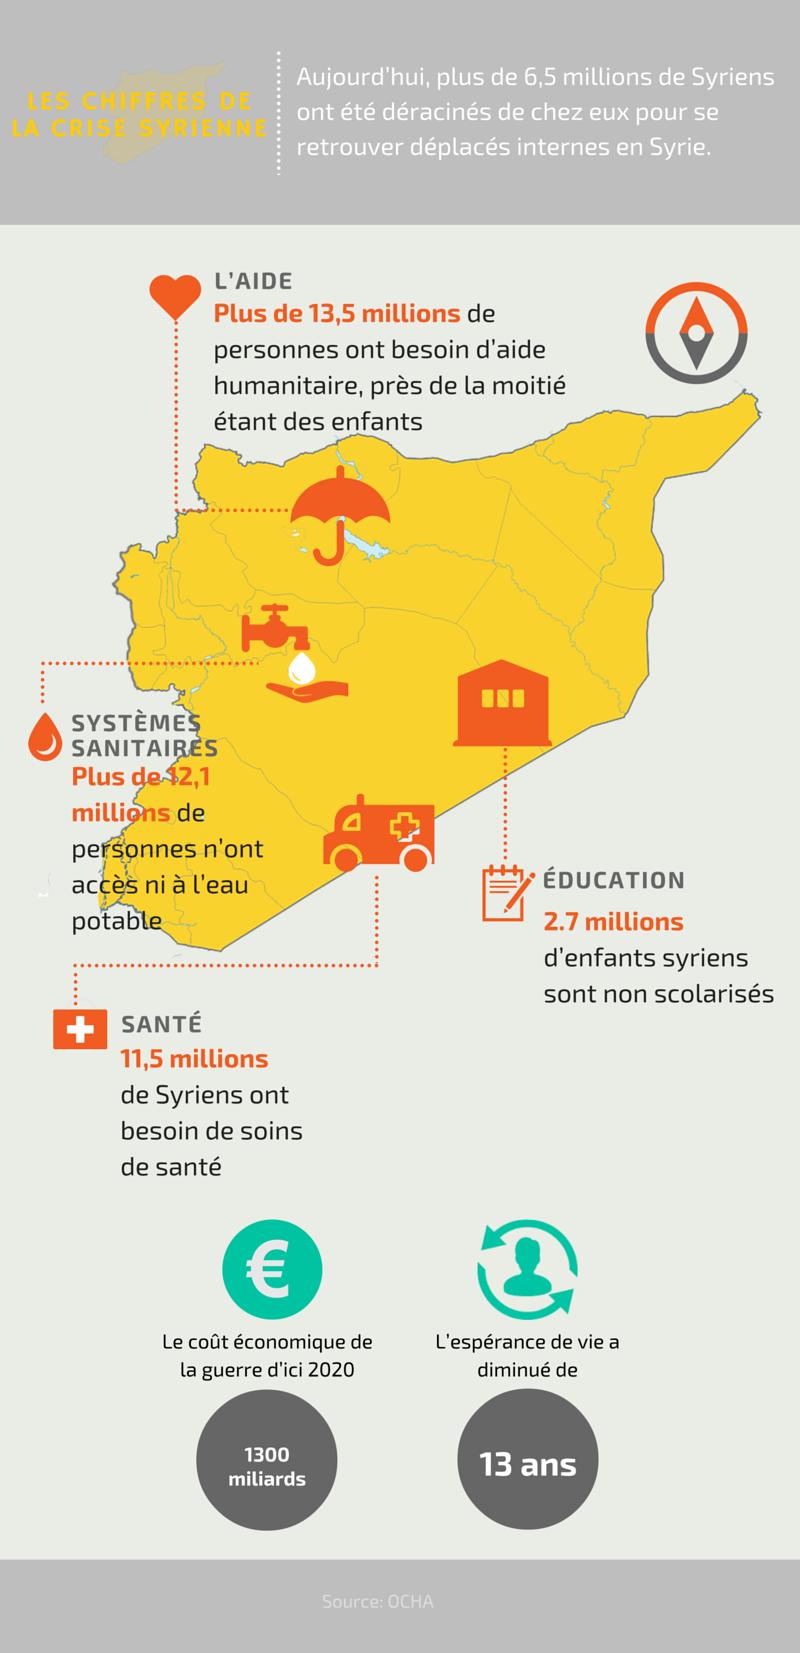 Rejoignez Caritas pour redonner paix, dignité et espoir aux Syriens